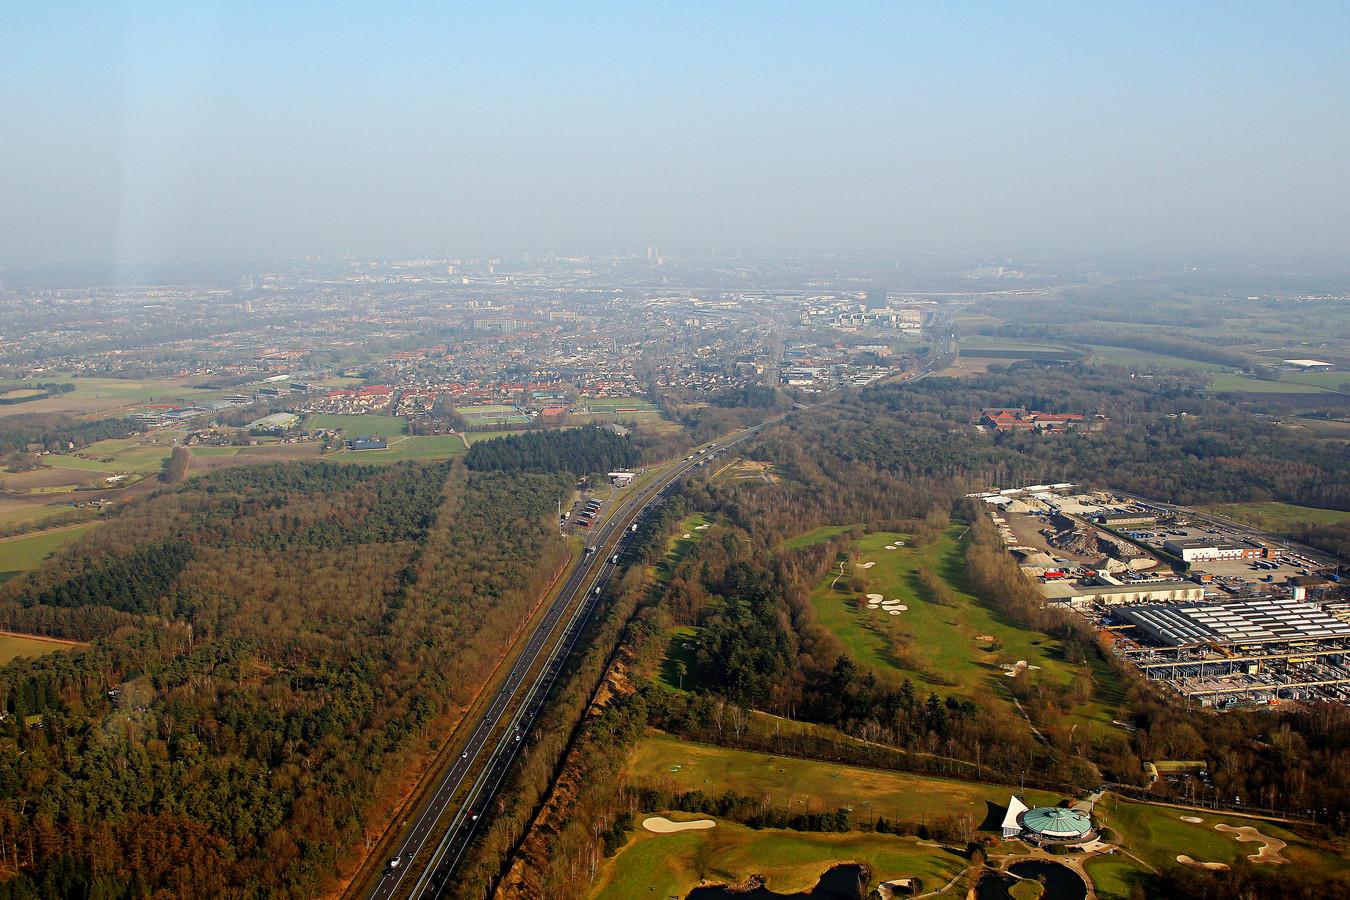 De aan te leggen Westparallel wordt aangesloten op de A67 ter hoogte van parkeerplaats Oeienbosch in Veldhoven.